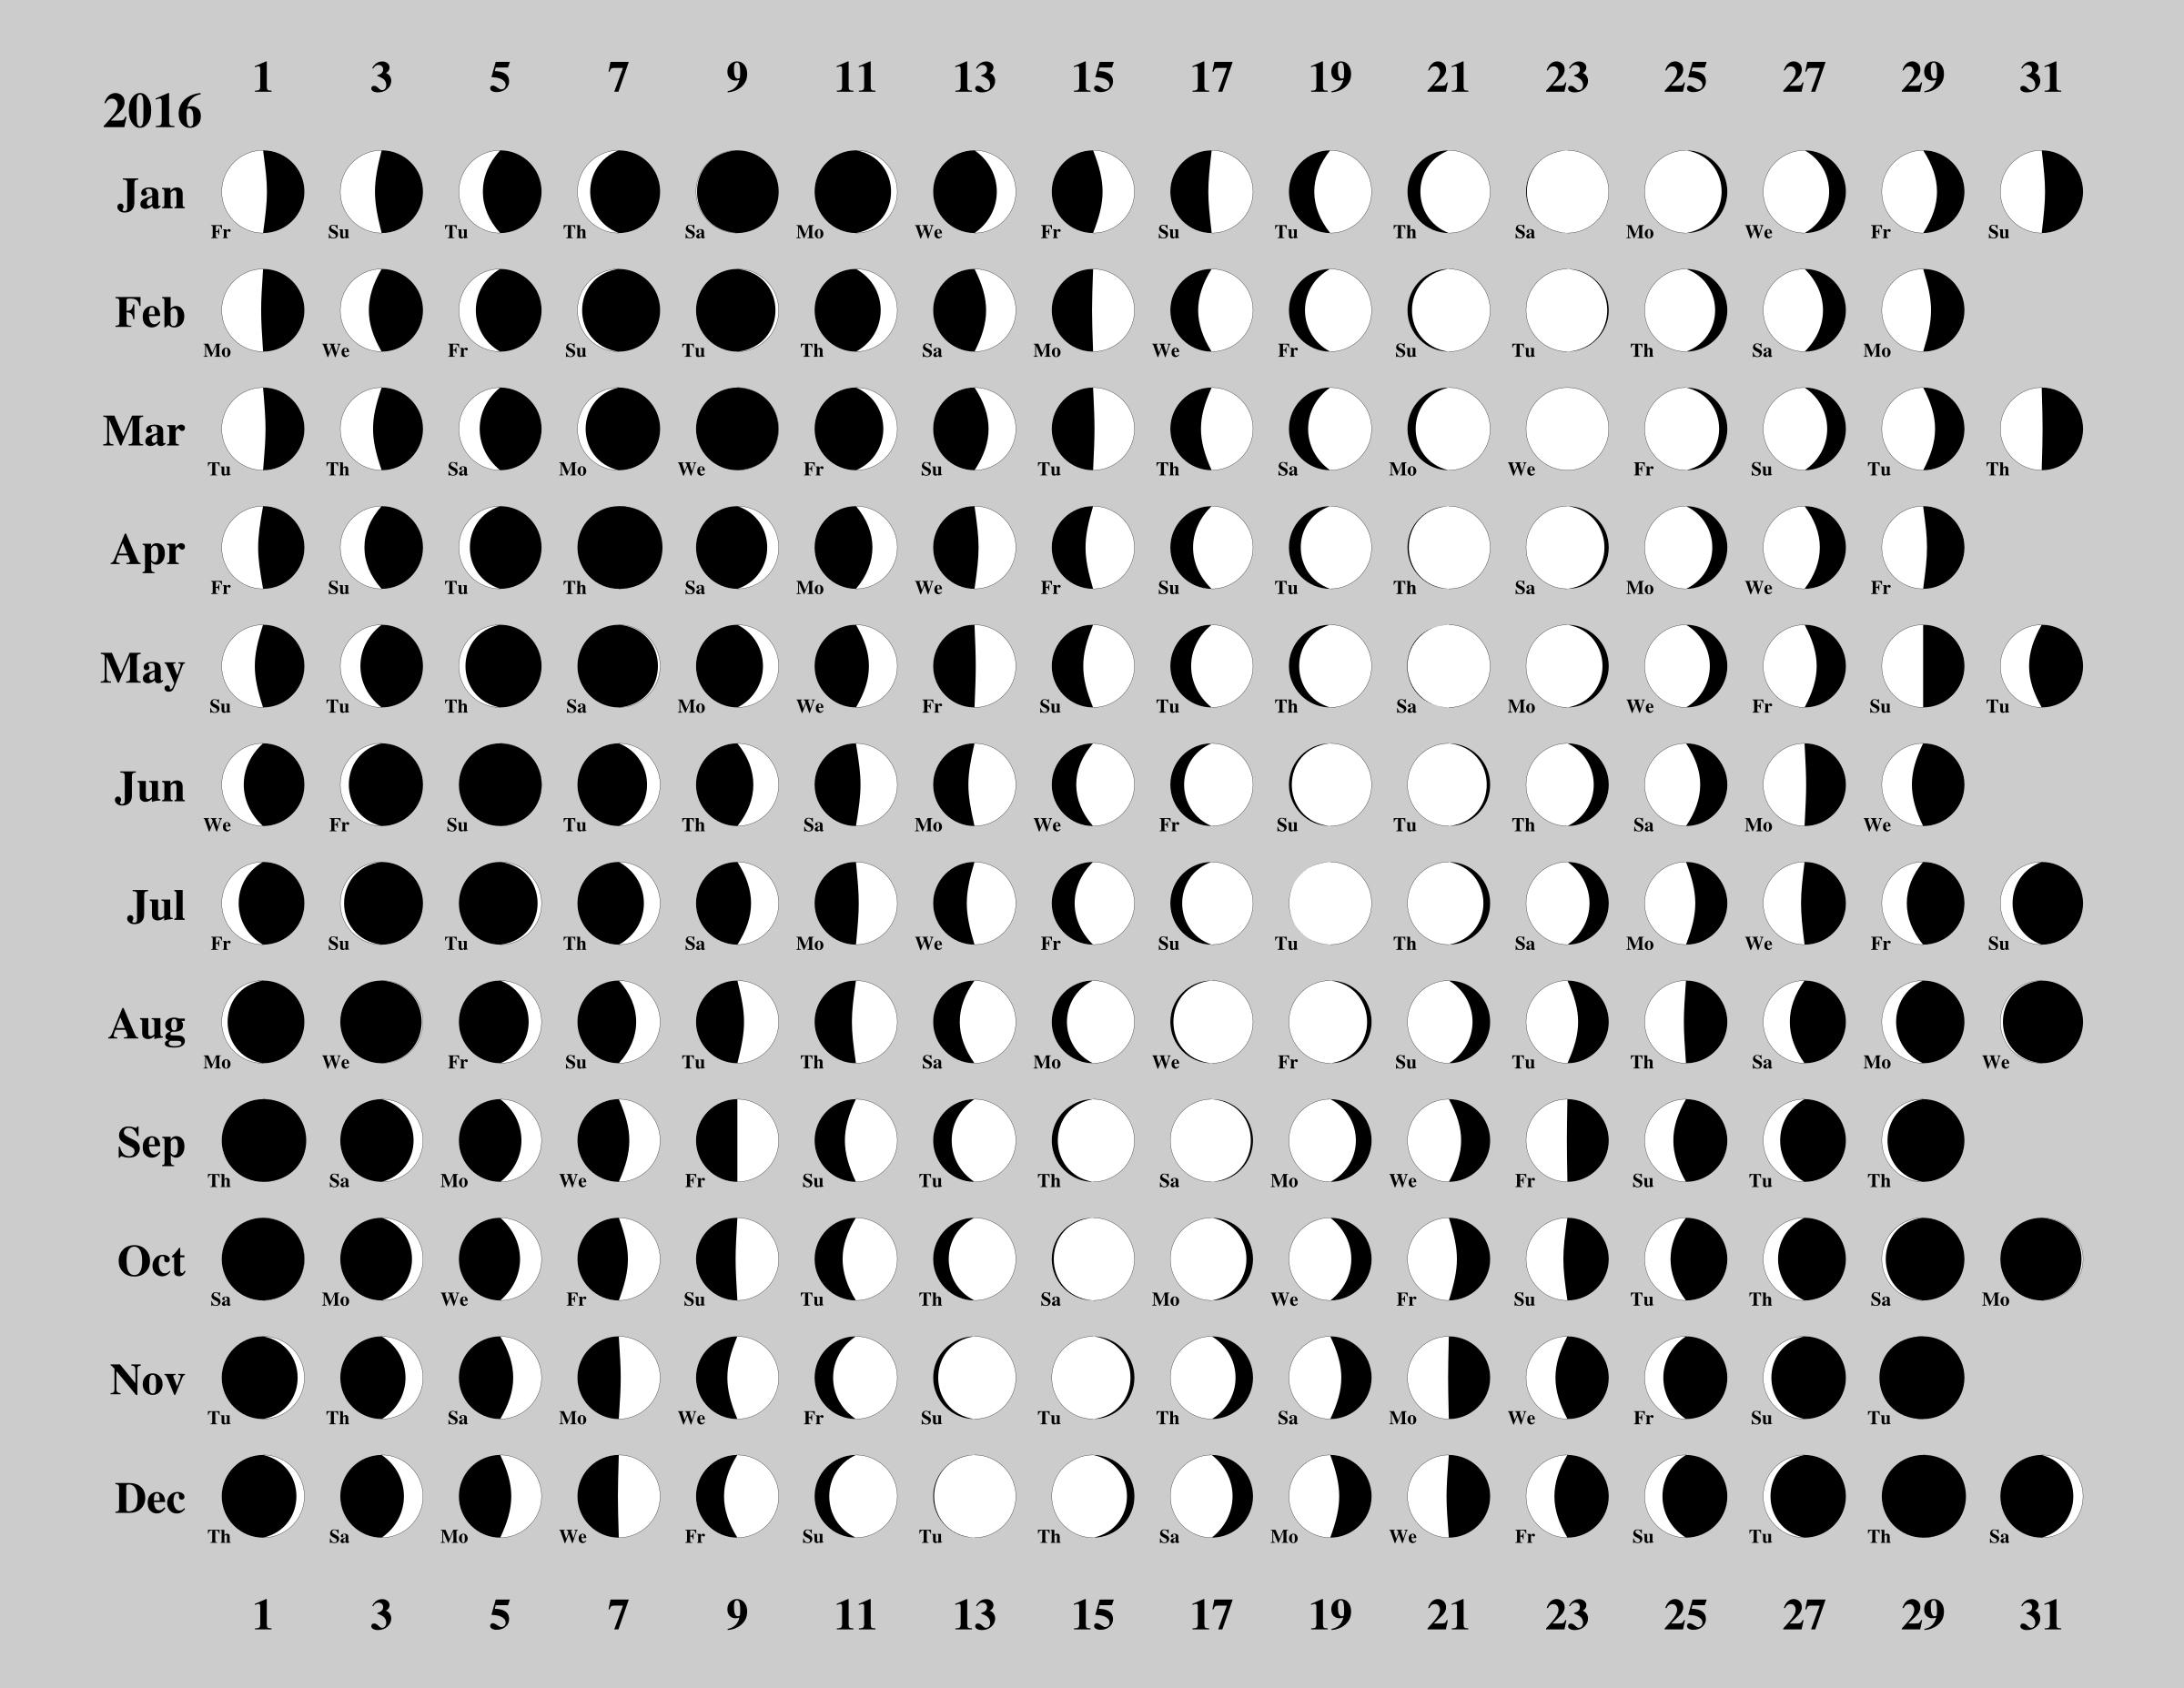 December 2016 Moon Phases Calendar Schedule Free Printable 89uj